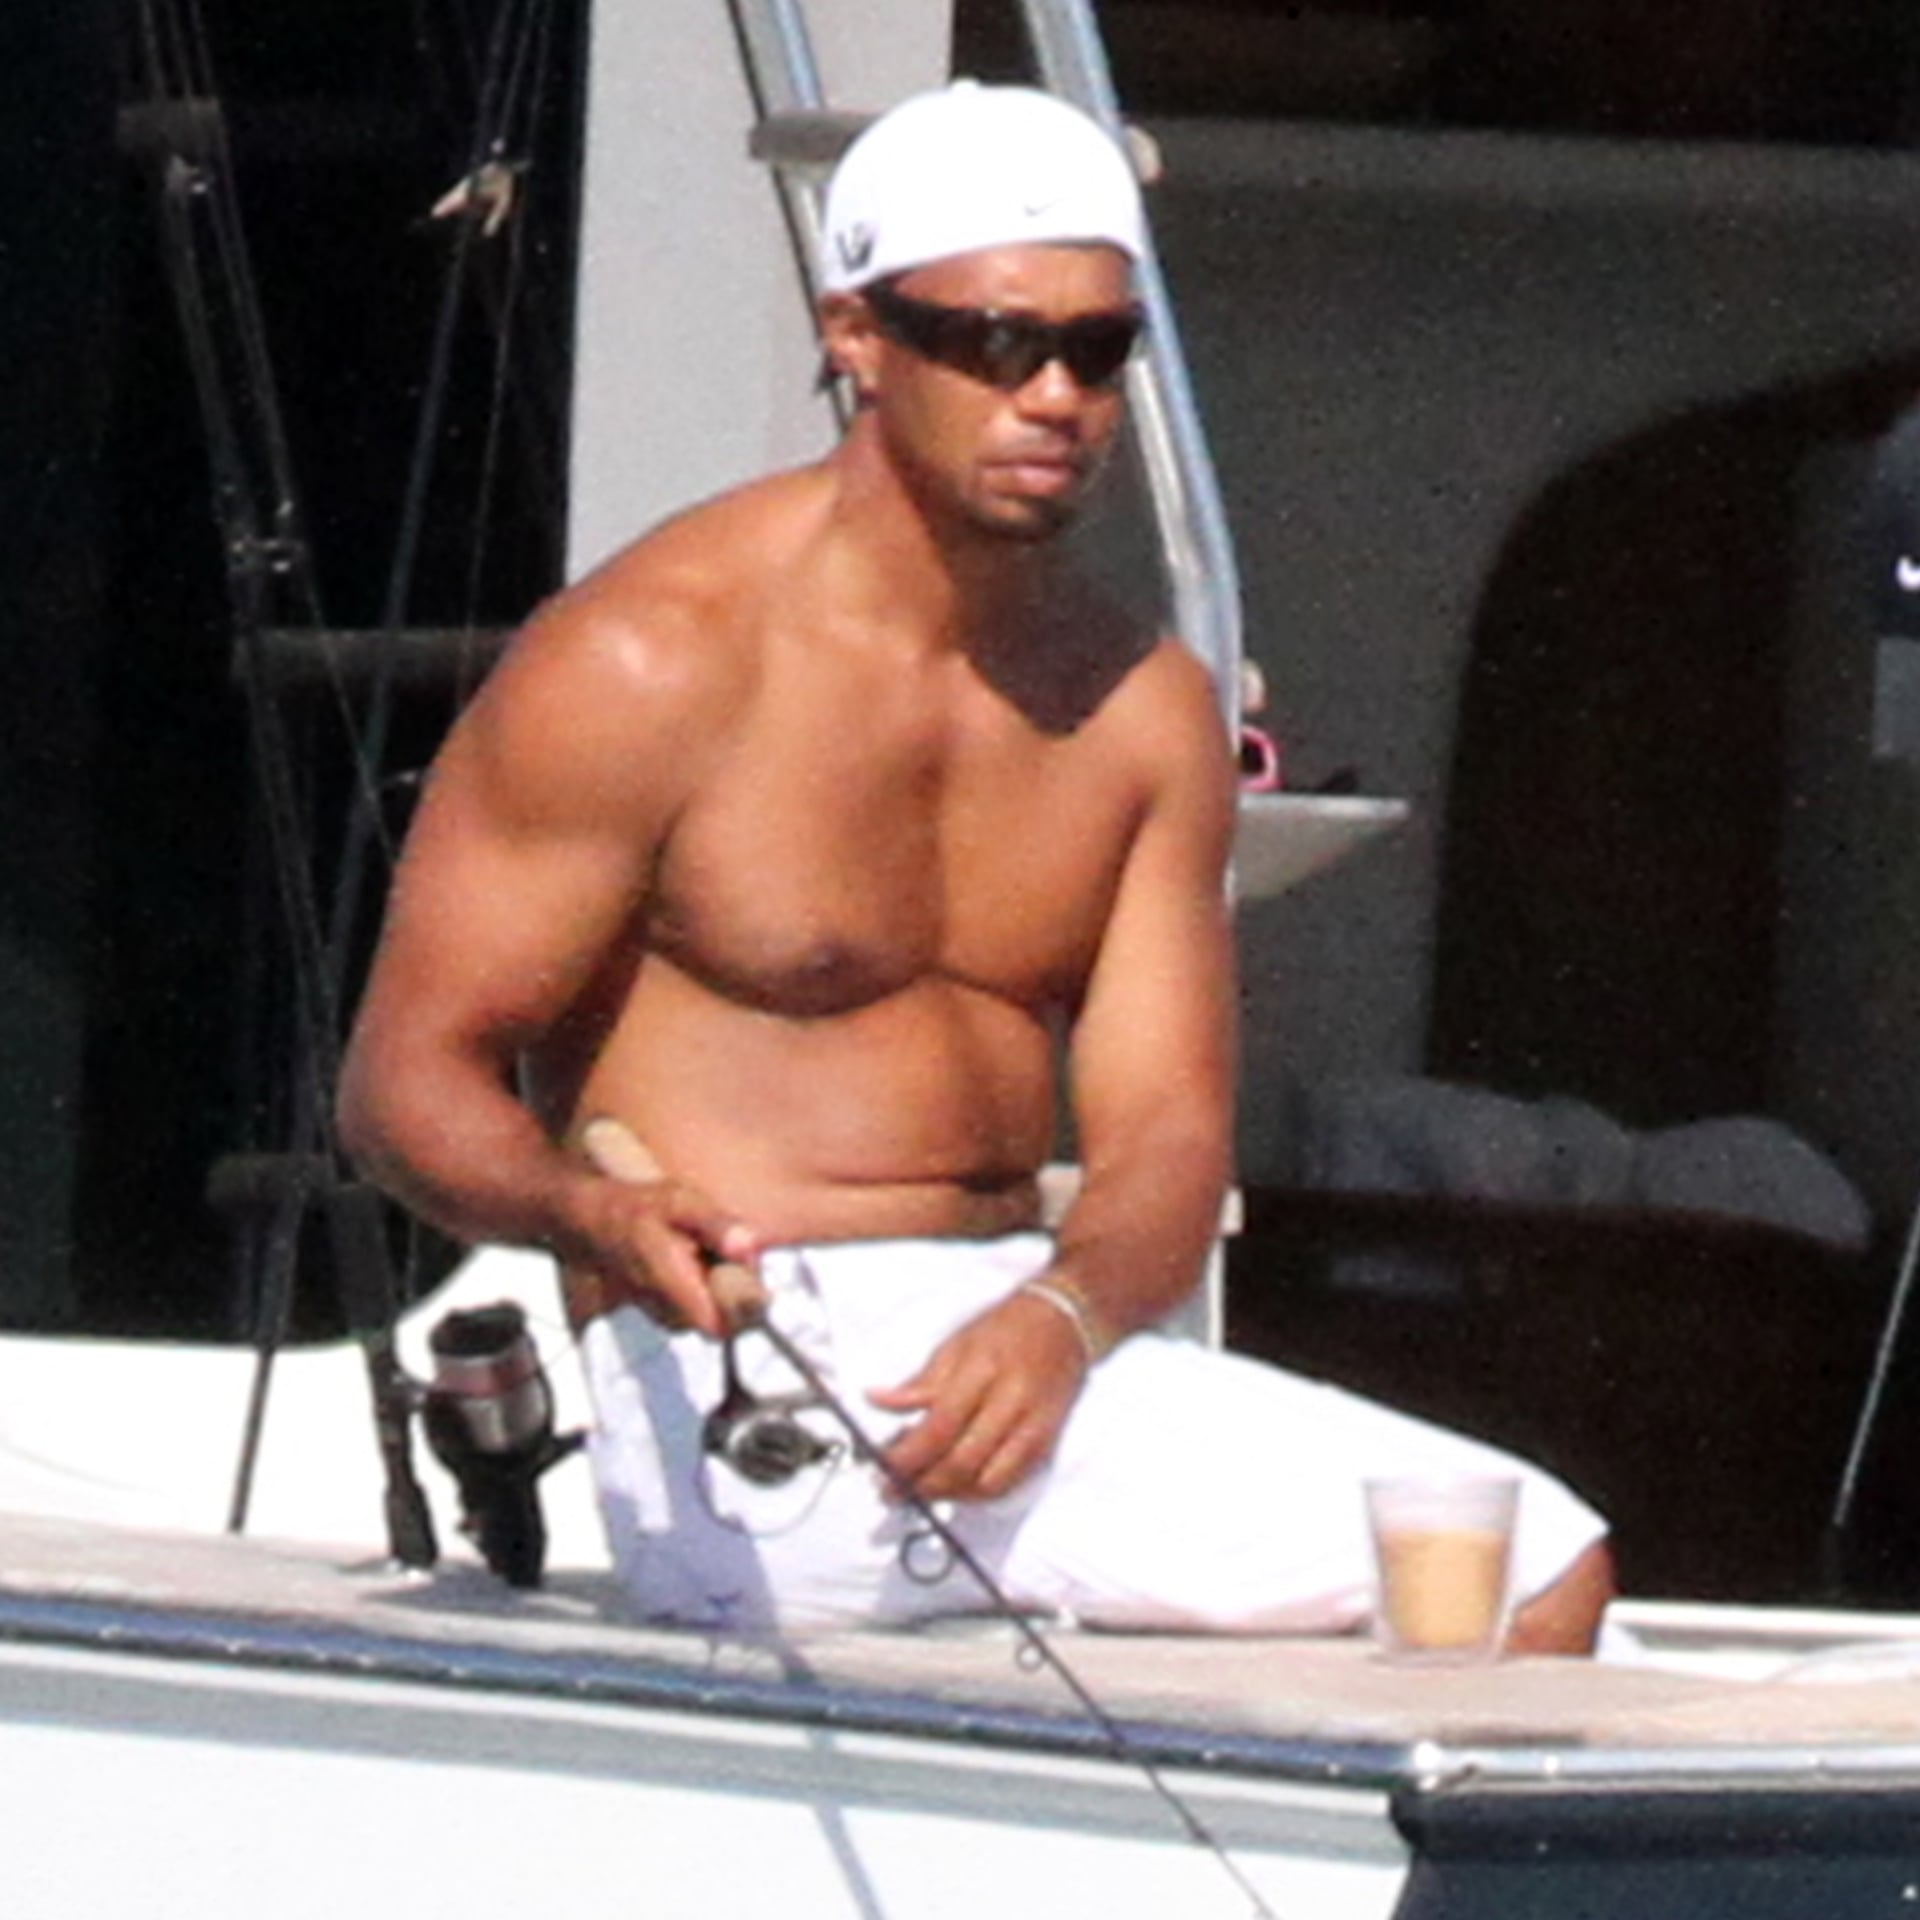 Tiger Woods Shirtless (1 Photo)